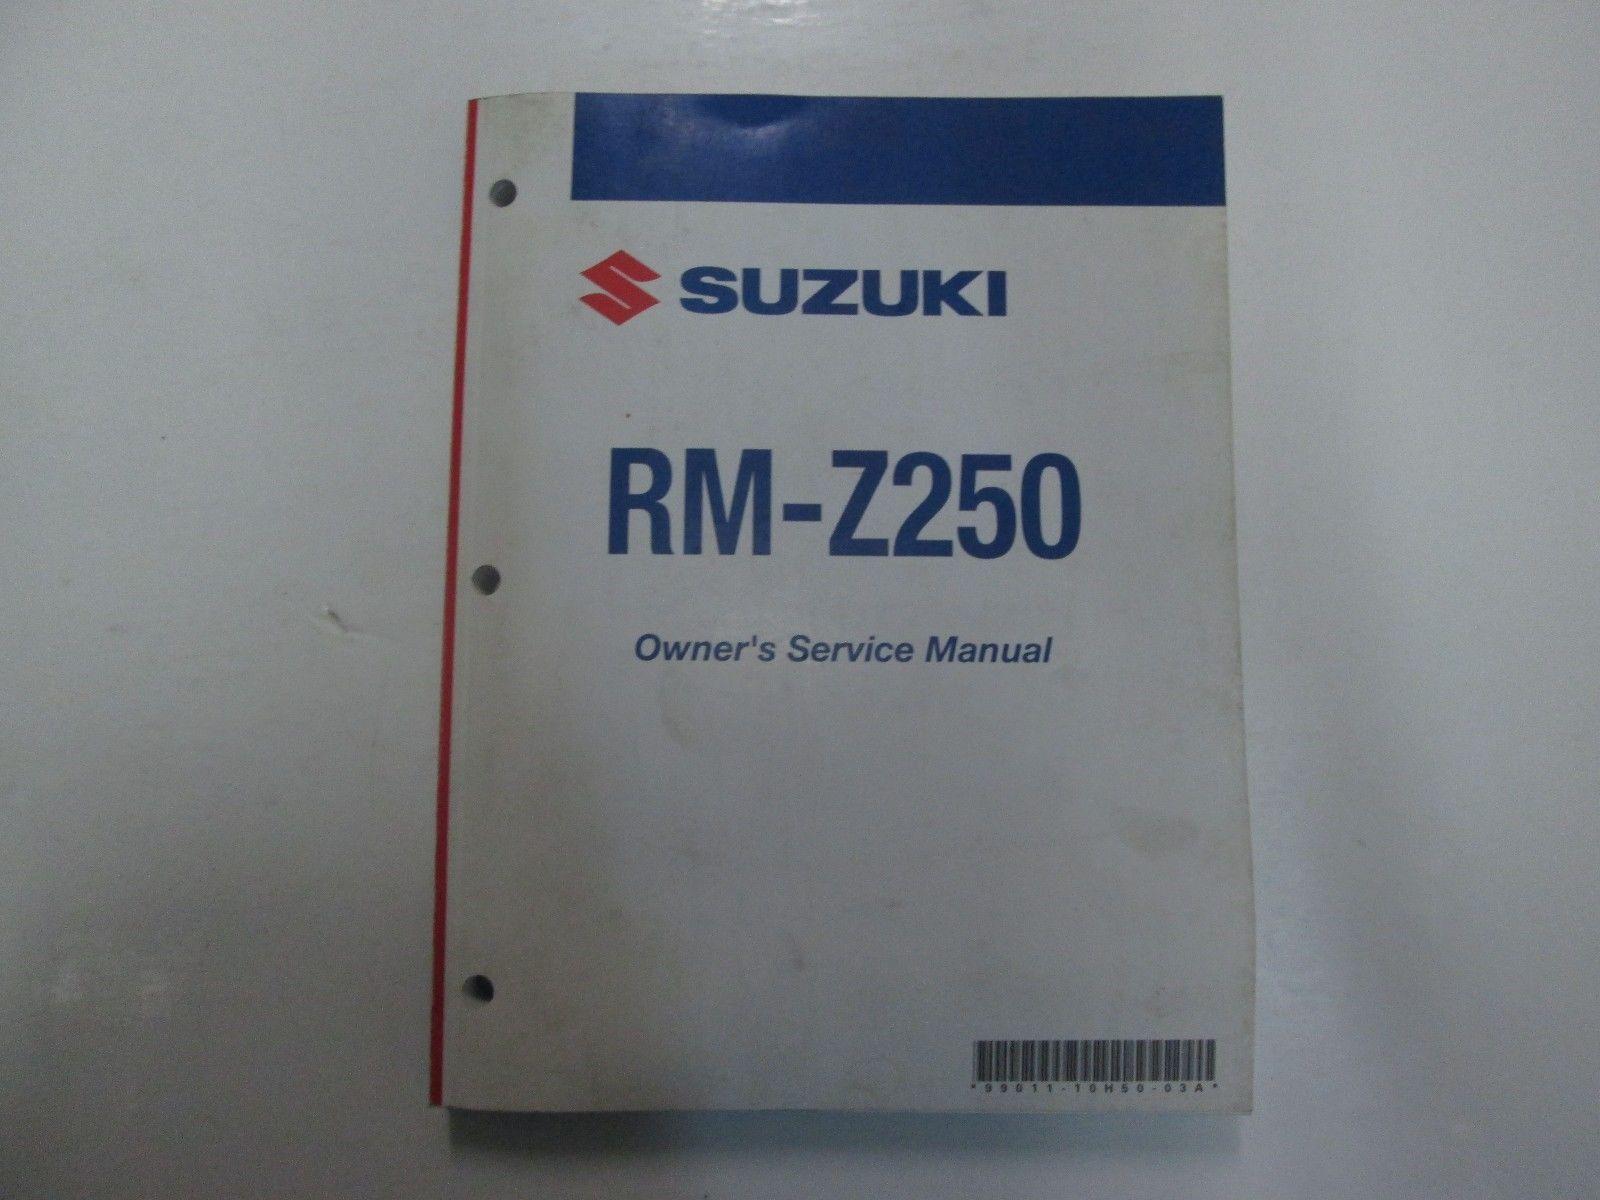 2007 suzuki rm z250 rmz250 owners service and similar items rh bonanza com 2007 RMZ 250 2007 RMZ 250